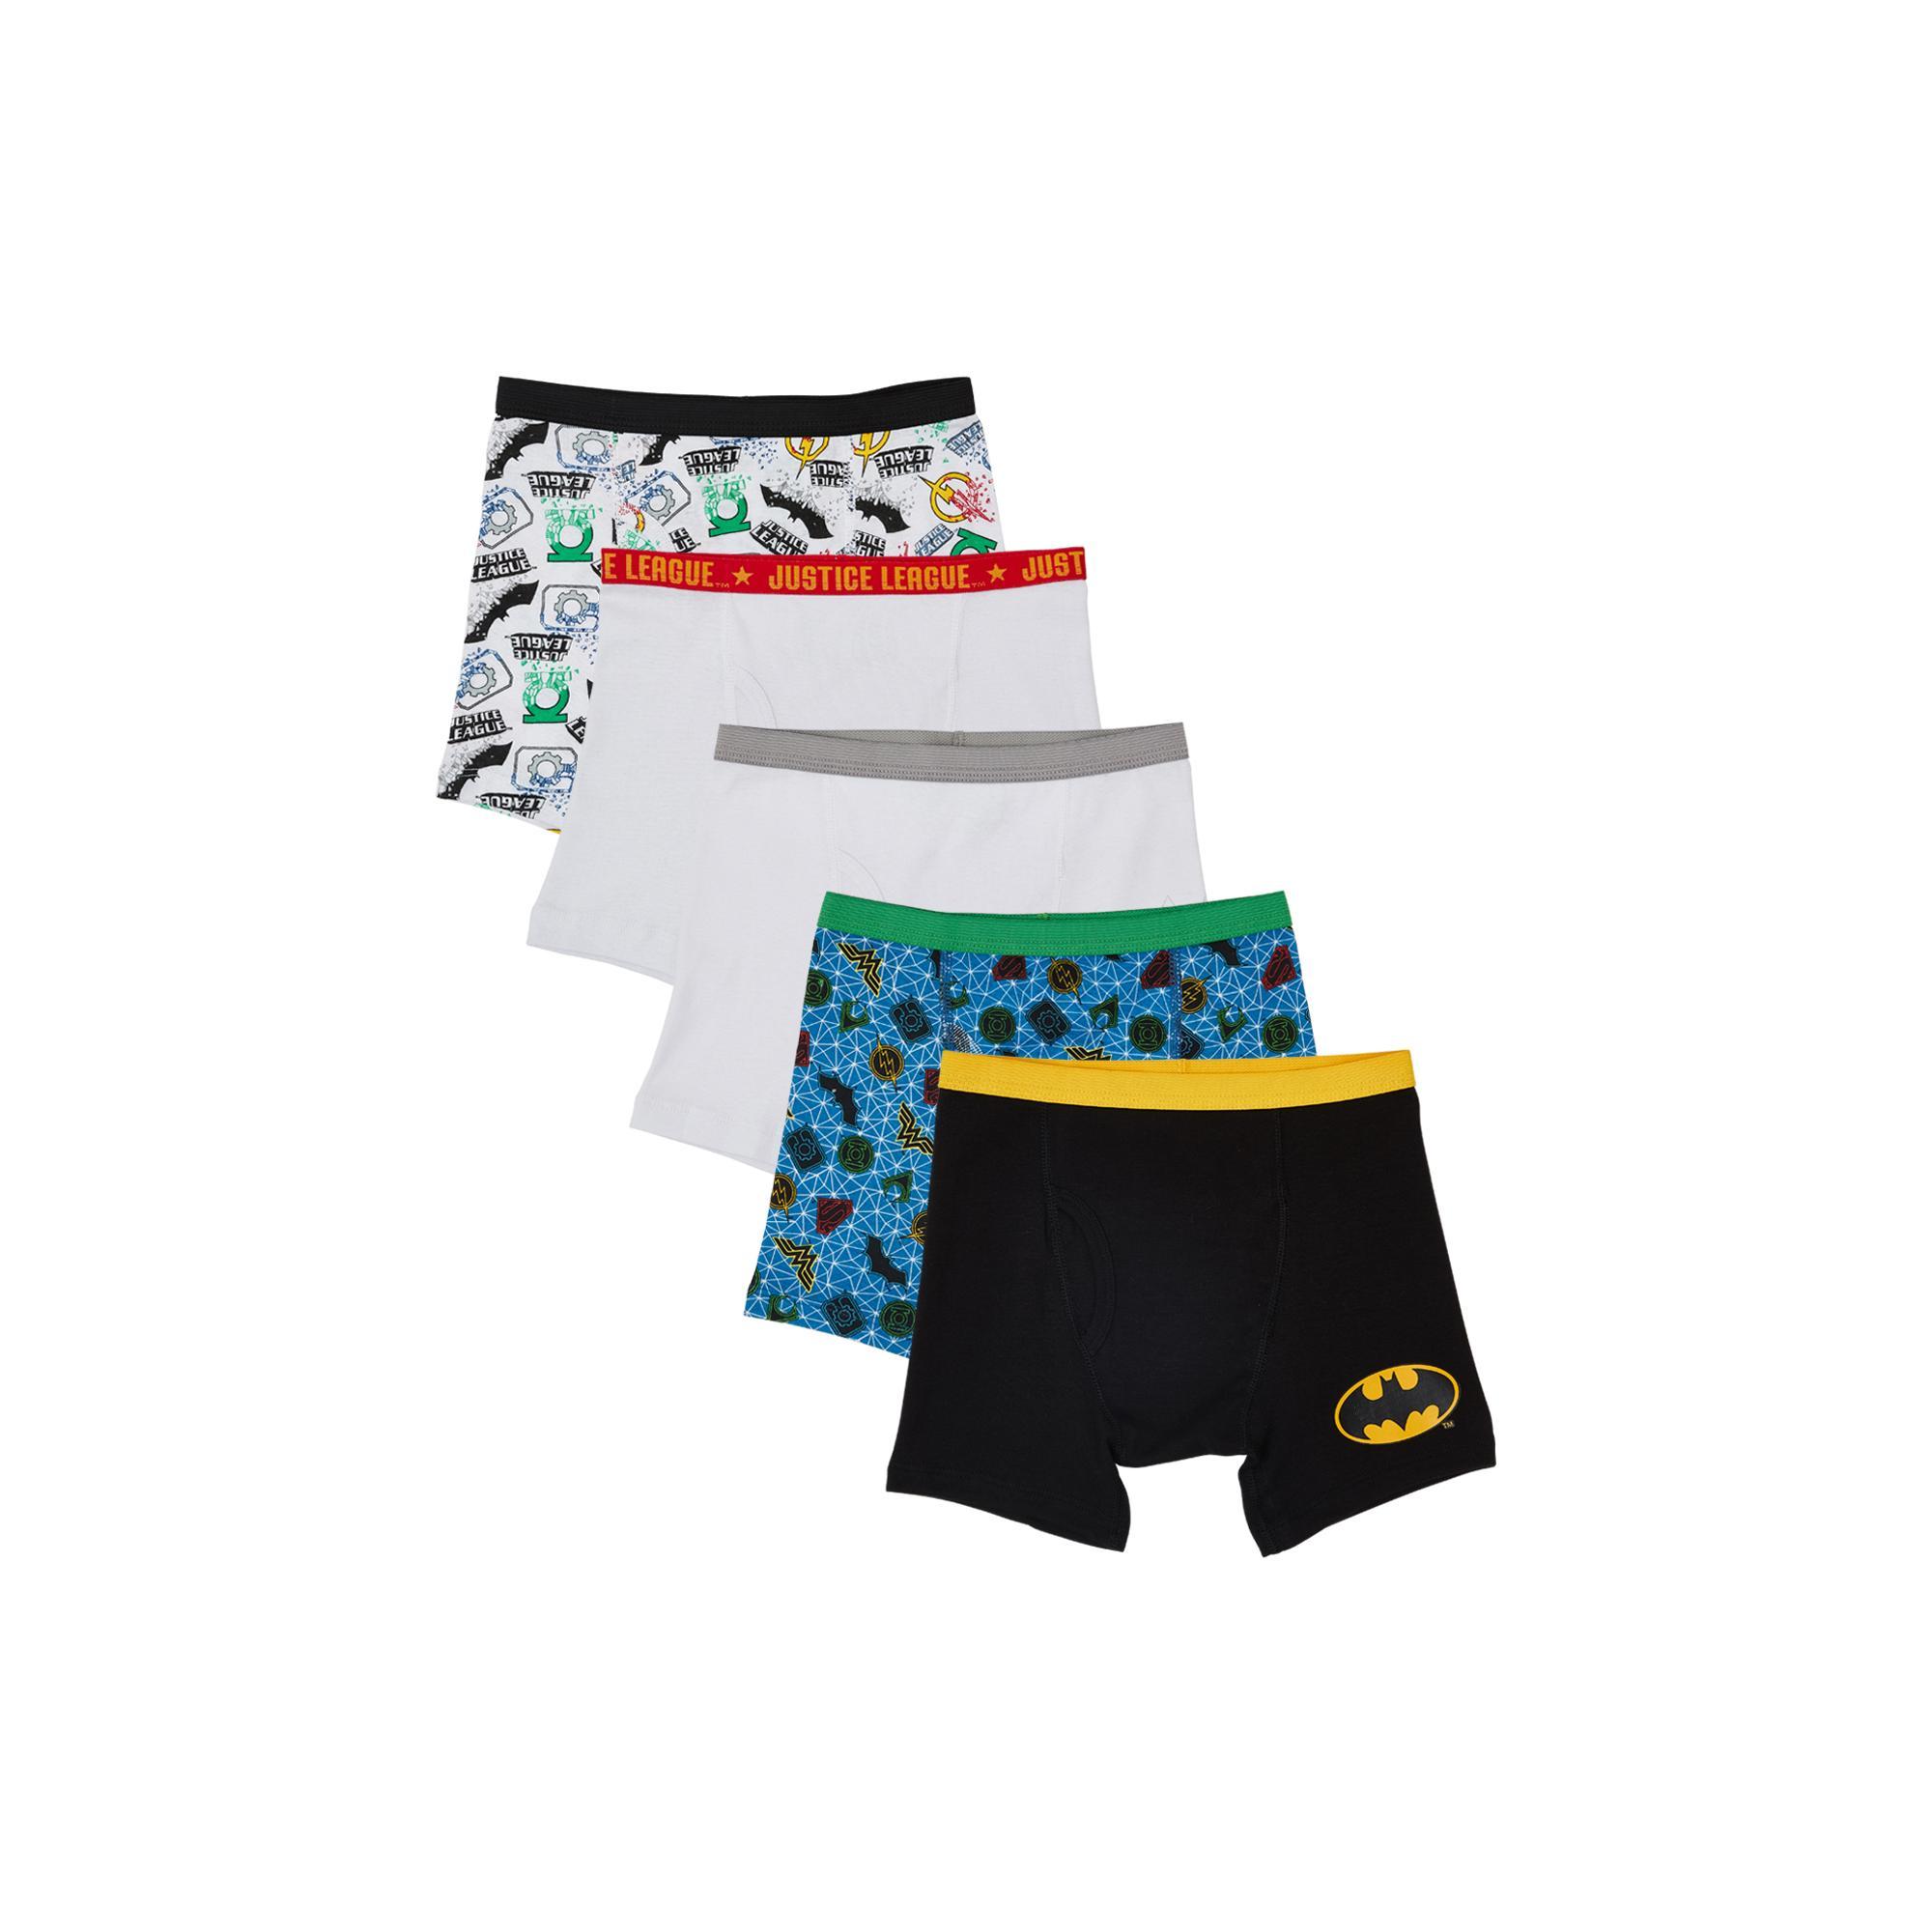 Justice League DC Comics Boys' Boxer Briefs Underwear 5 Pack